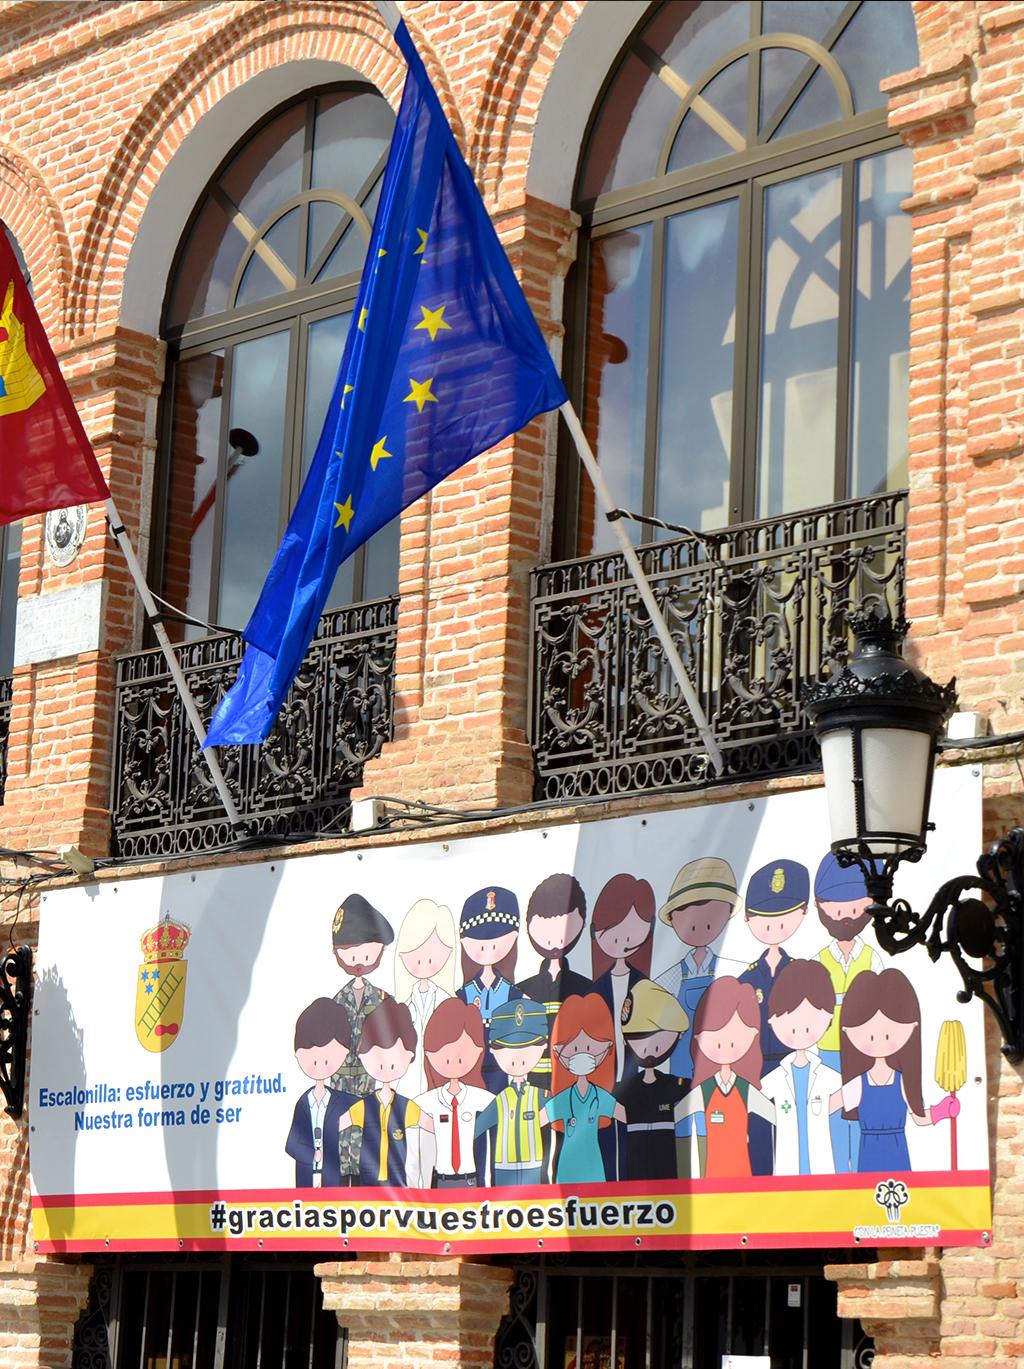 Unas pancartas conmemoran al pueblo de Escalonilla durante la pandemia